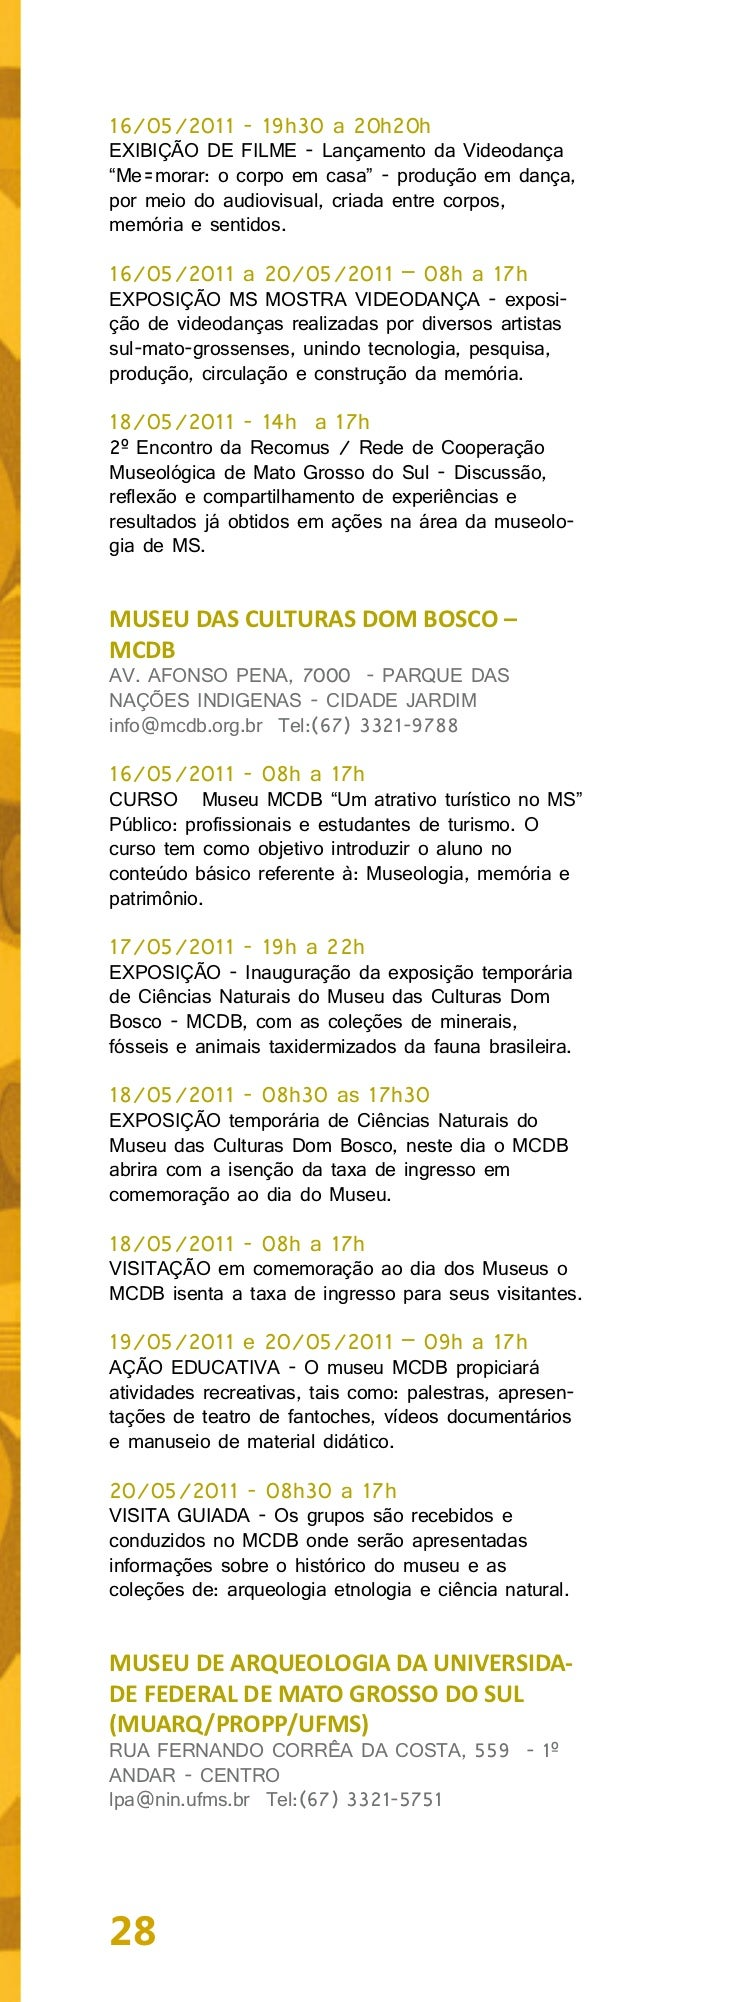 16/05/2011 a 20/05/2011 – 19h a 22hIII Encontro de Arqueologia de Mato Grosso do Sultem como objetivo divulgar o conhecime...